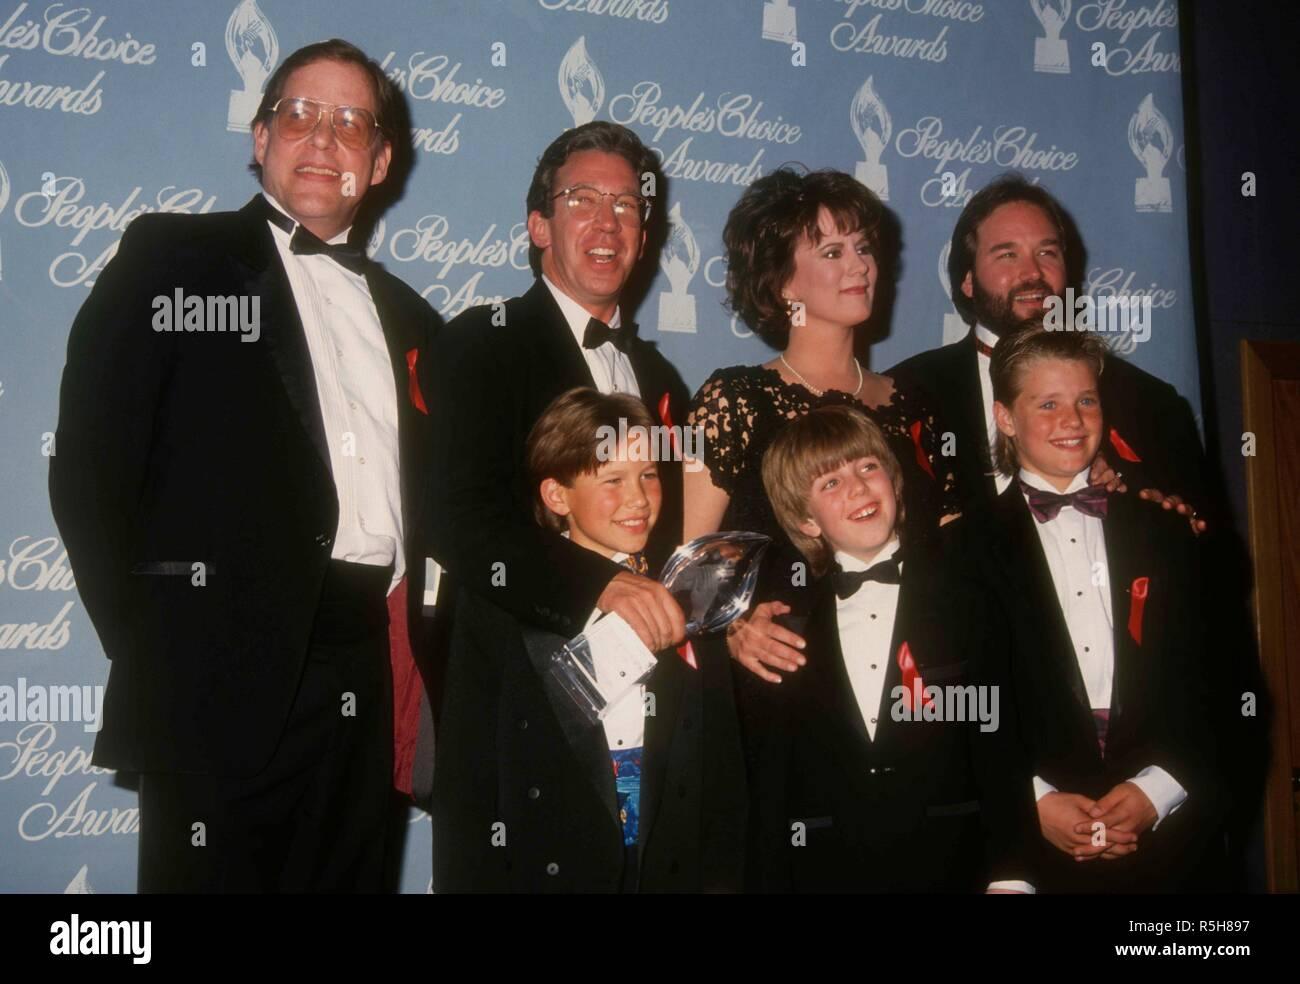 Universal City Ca March 9 L R Home Improvement Cast Actors Tim Allen Patricia Richardson Richard Kam